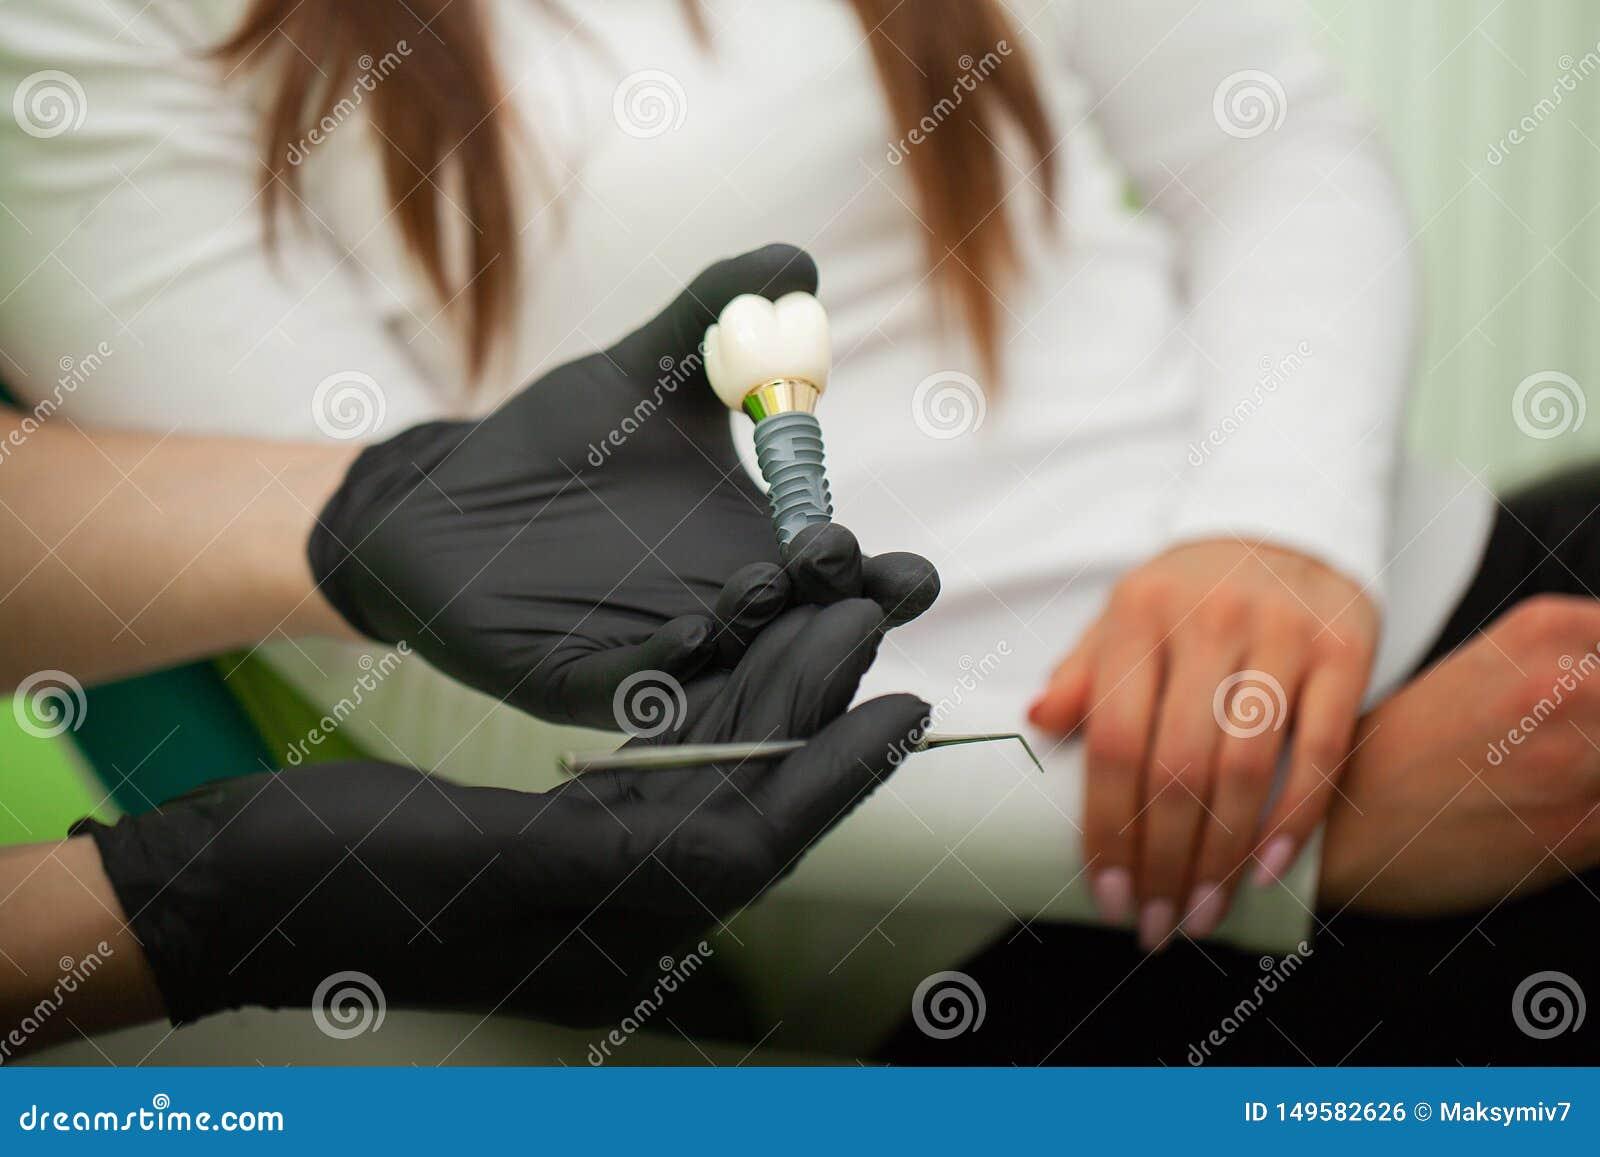 Οδοντίατρος που εξηγεί το πρότυπο δοντιών στο θηλυκό ασθενή Τεχνικοί πυροβολισμοί σε ένα οδοντικό prothetic εργαστήριο